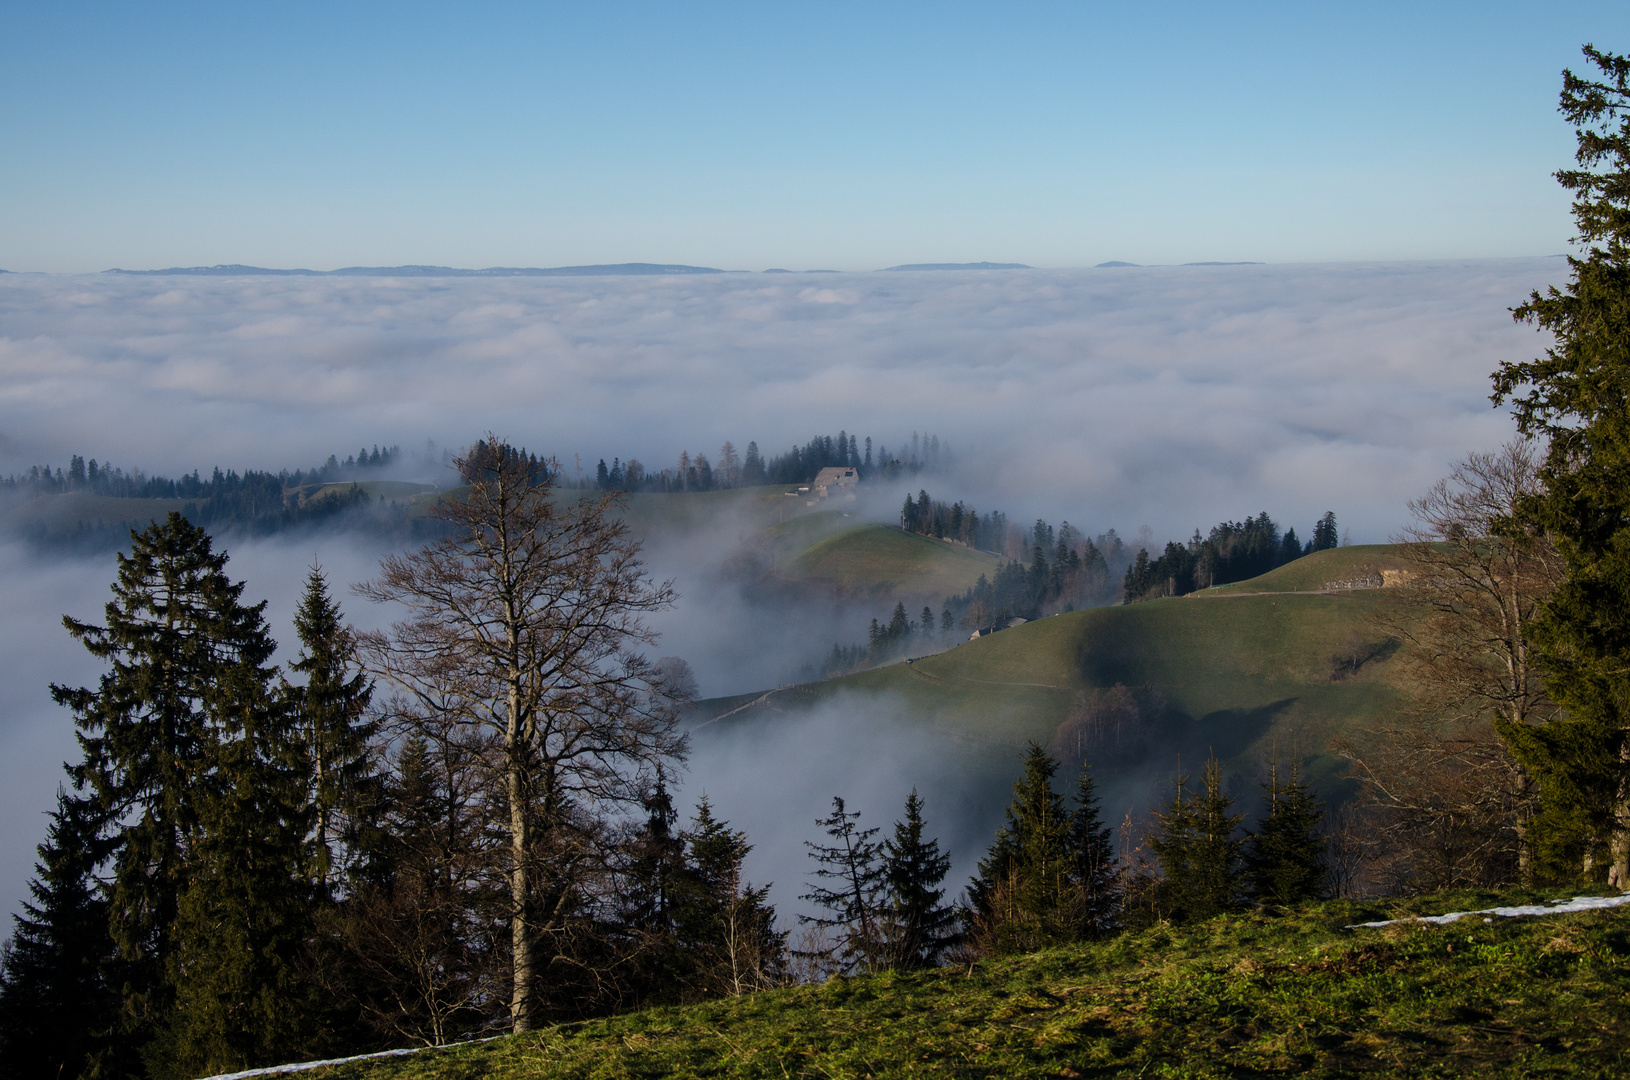 Der Aufstieg auf Ober Rafrüti wurde mit viel Sonnenschein reichlich belohnt